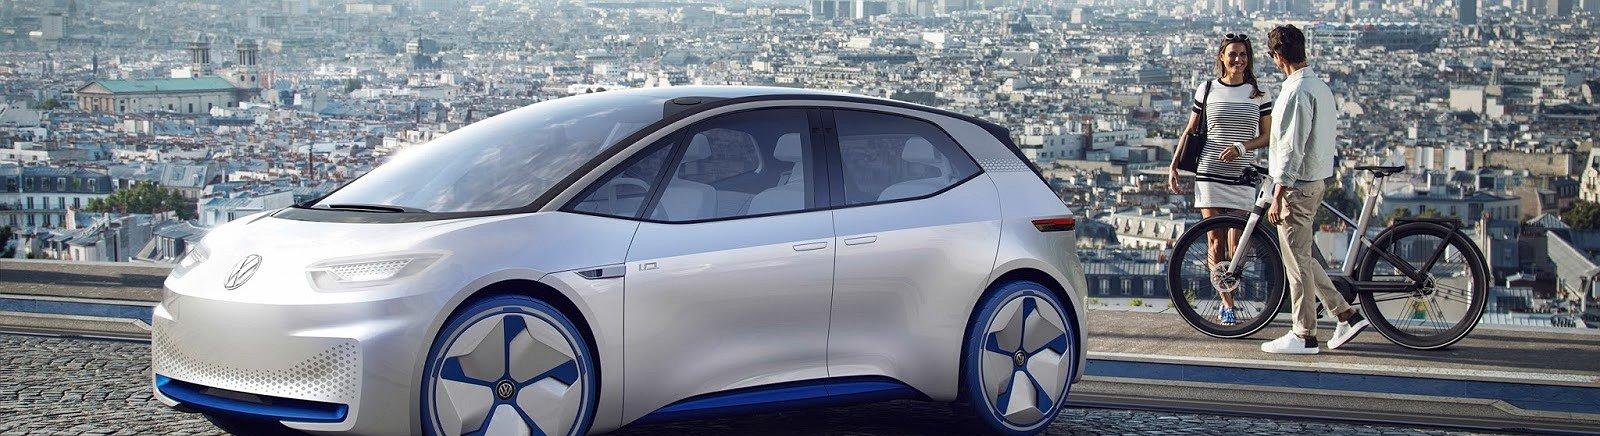 Las petroleras están resignadas: los coches eléctricos son el futuro